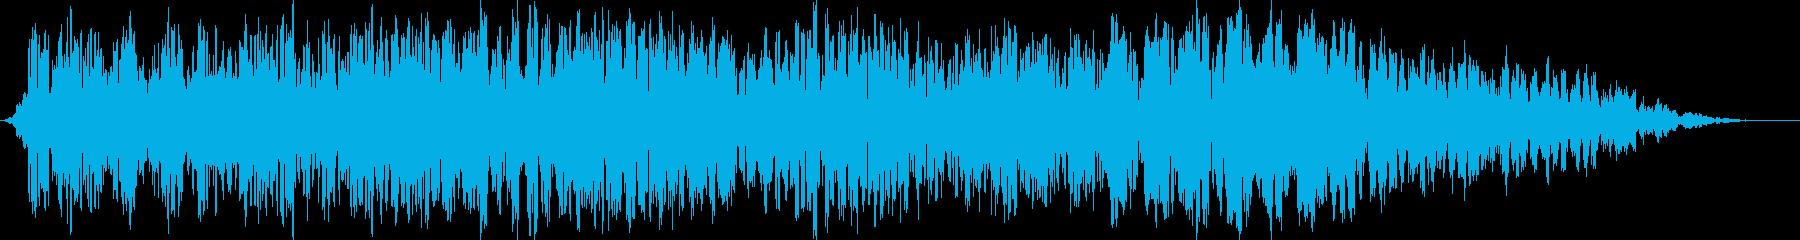 自然音 洞窟の隙間から流れる風の音の再生済みの波形